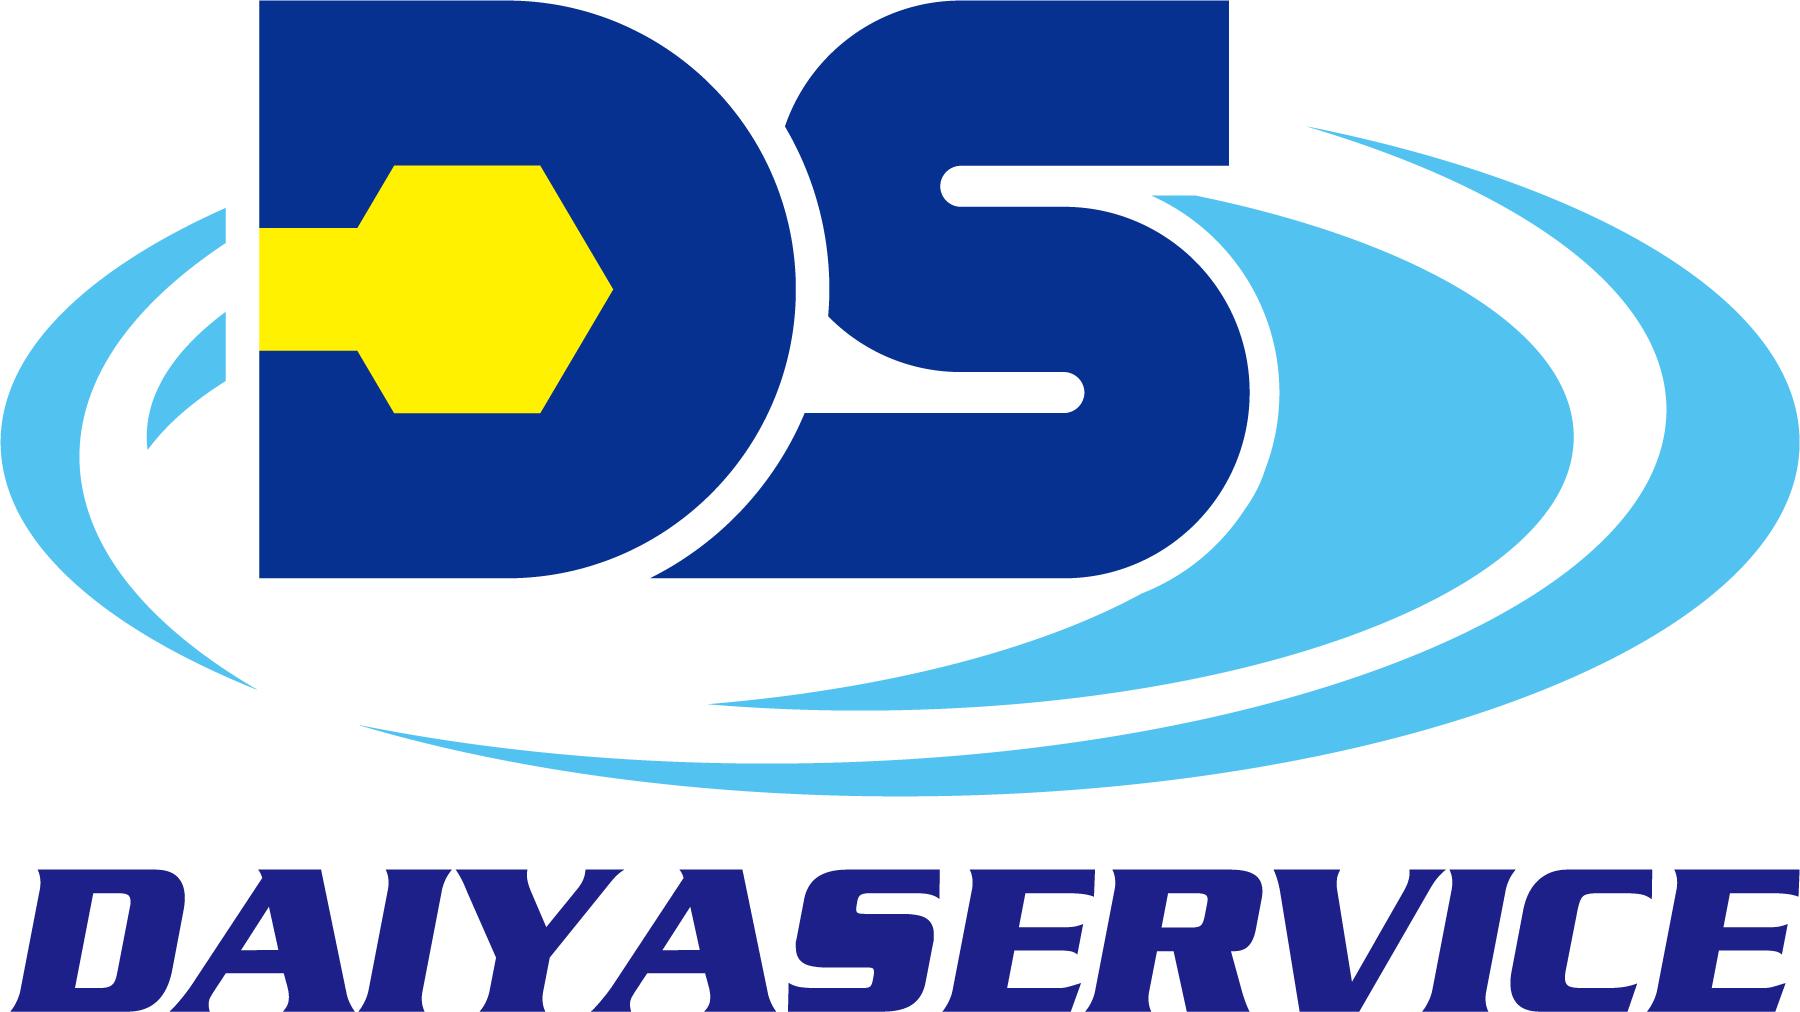 株式会社ダイヤサービス/DIAYASERVICE Inc.